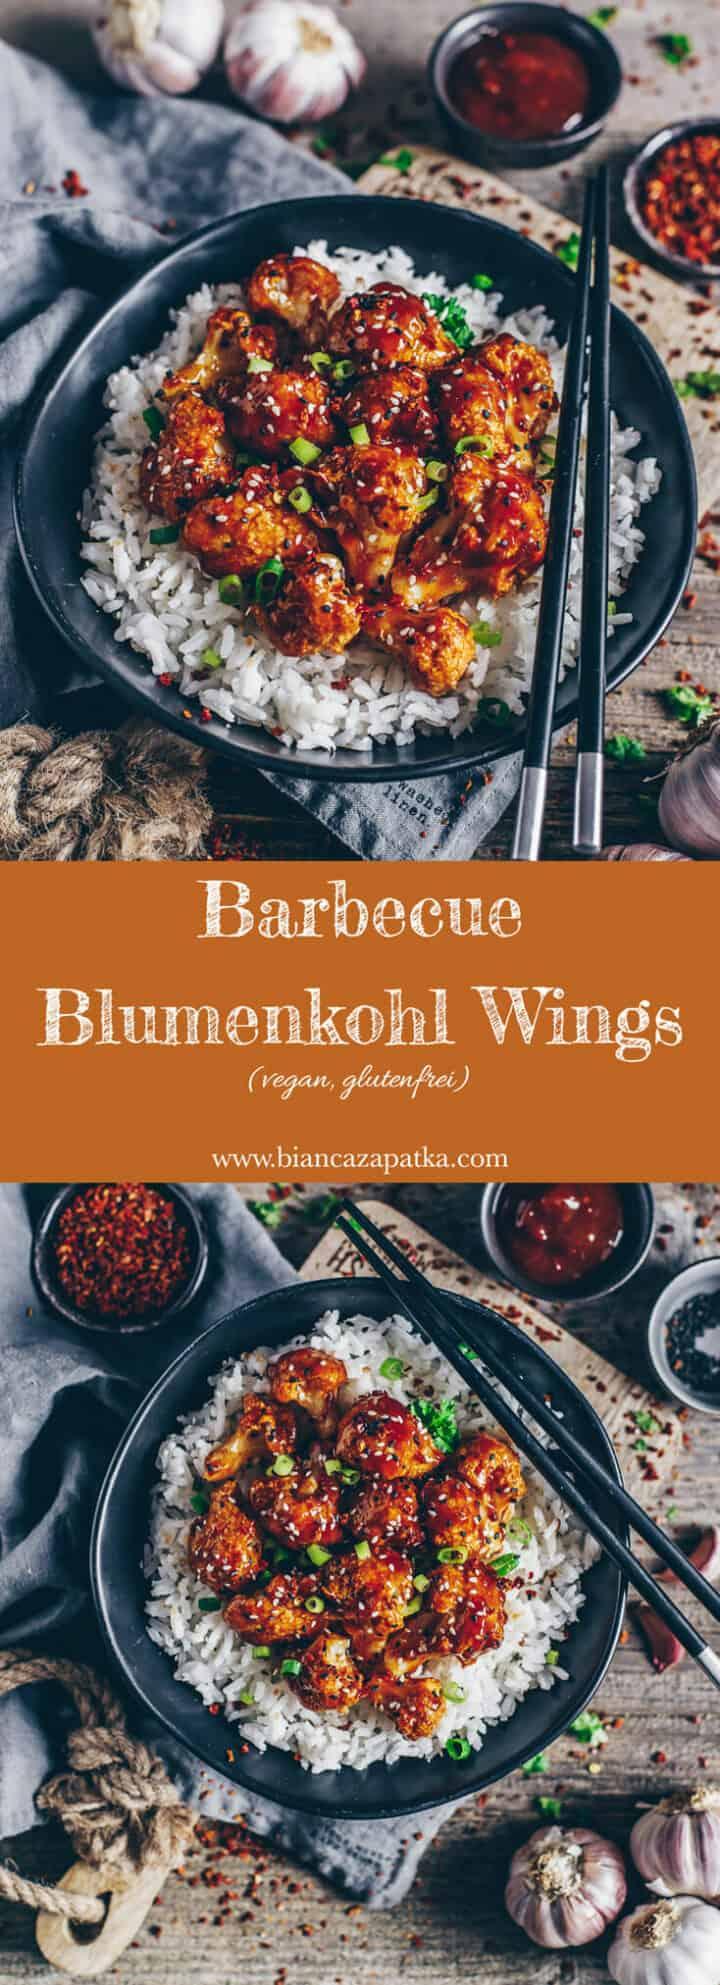 Einfaches Rezept für Barbecue Blumenkohl-Wings mit einer selbstgemachten süß pikant würzigen BBQ Soße - vegan, gesund and glutenfrei - perfekt als Beilage oder Snack!